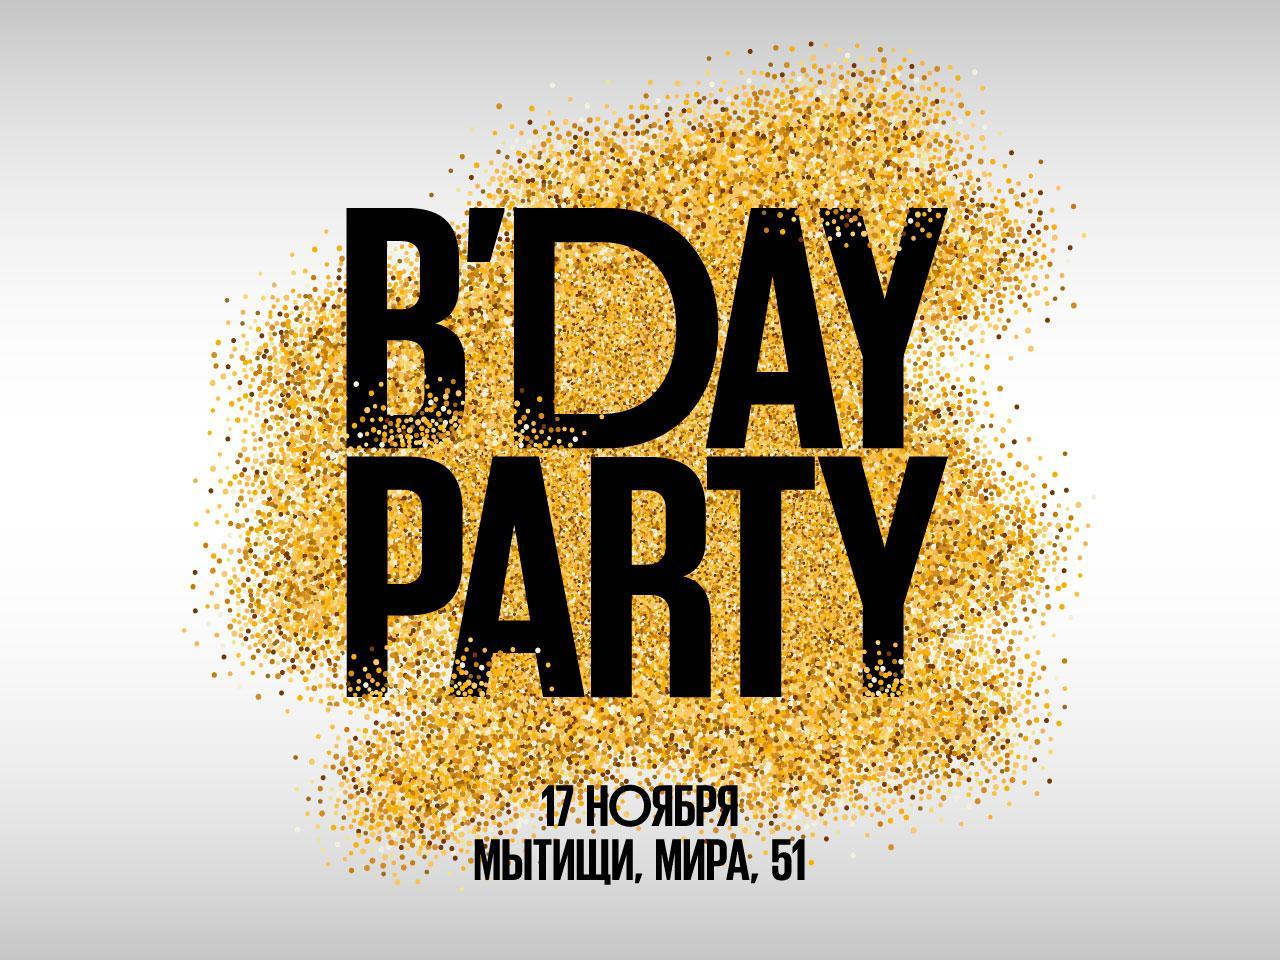 Чайхона №1 в городе Мытищи отмечает свой пятый день рождения!